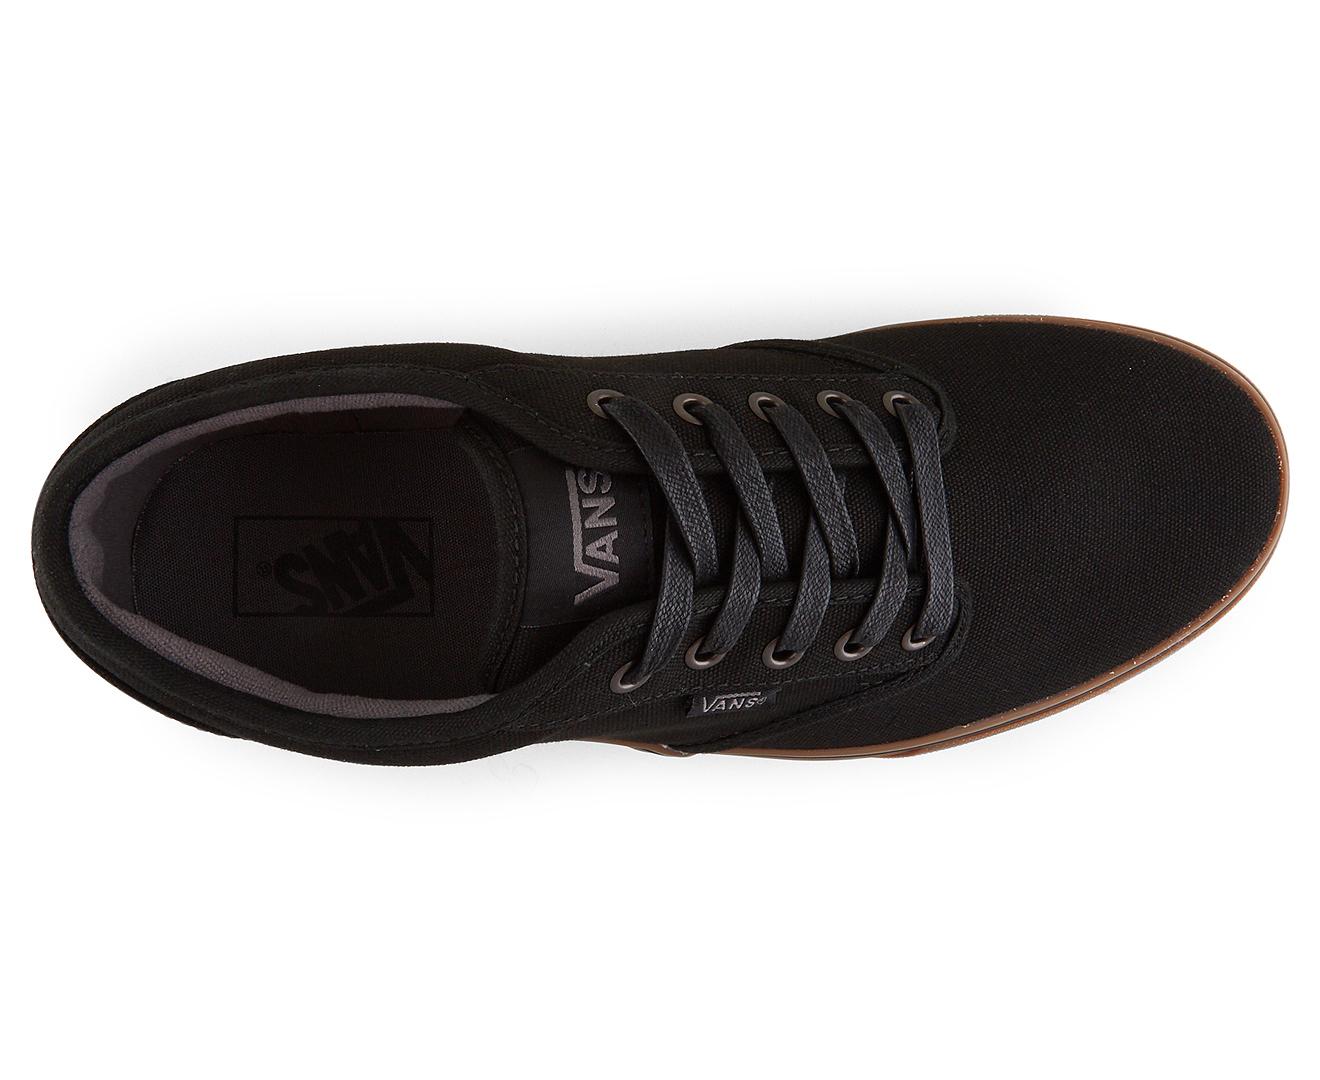 414d5d7d1bb87 Vans Men s Atwood 12oz Canvas Shoe - Black Gum